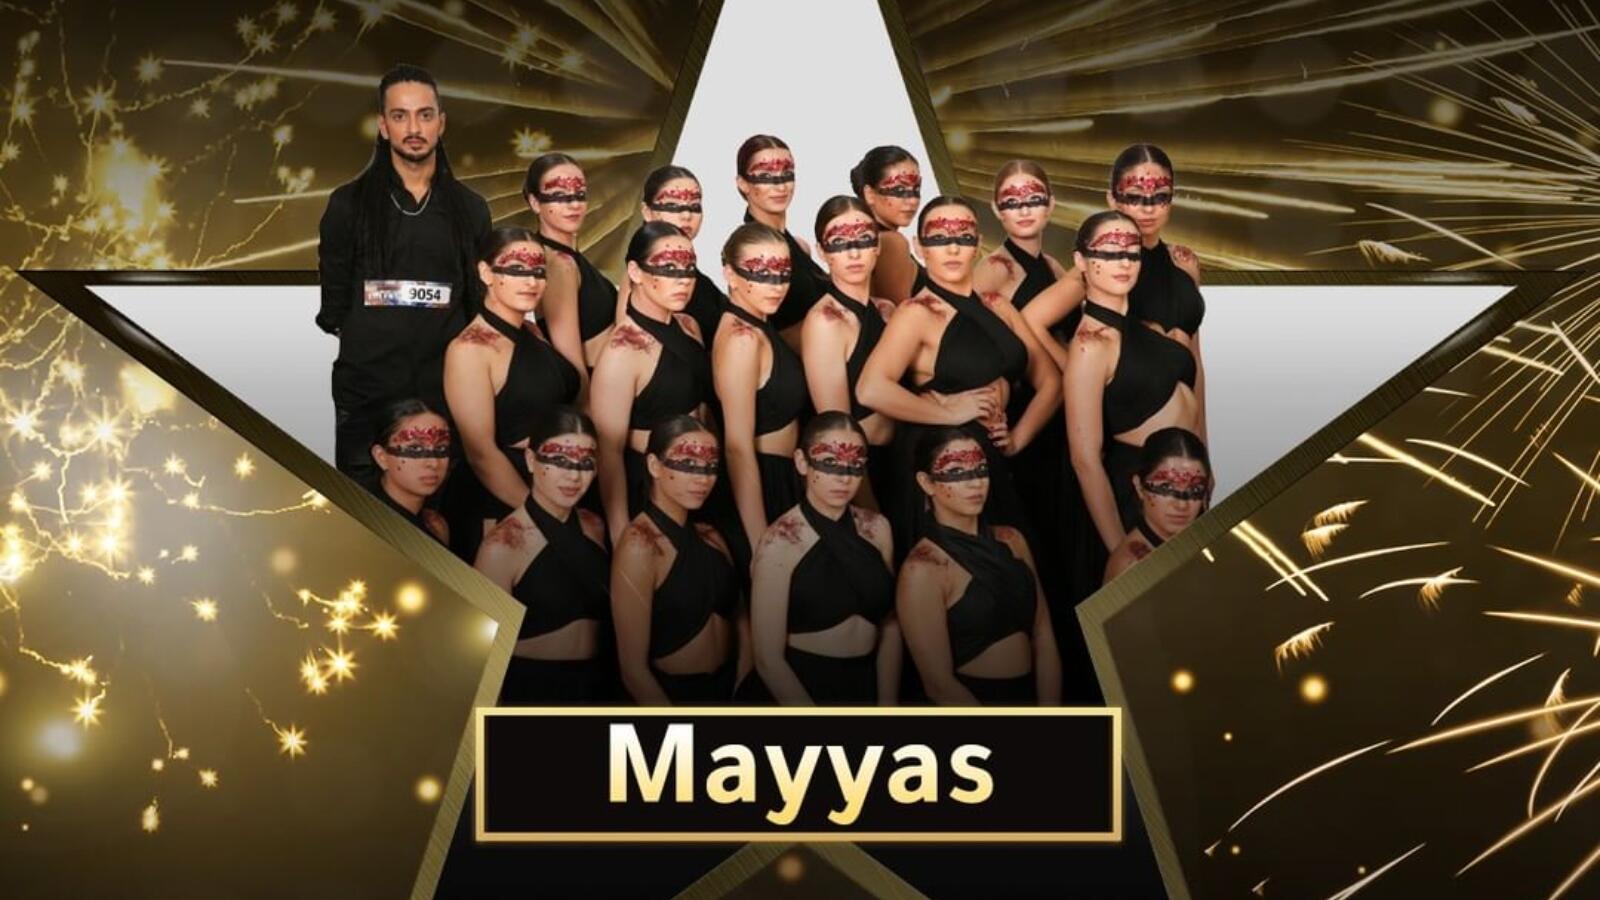 Arab's Got Talent Dance Group Winners Impress Britain's Got Talent's Panel